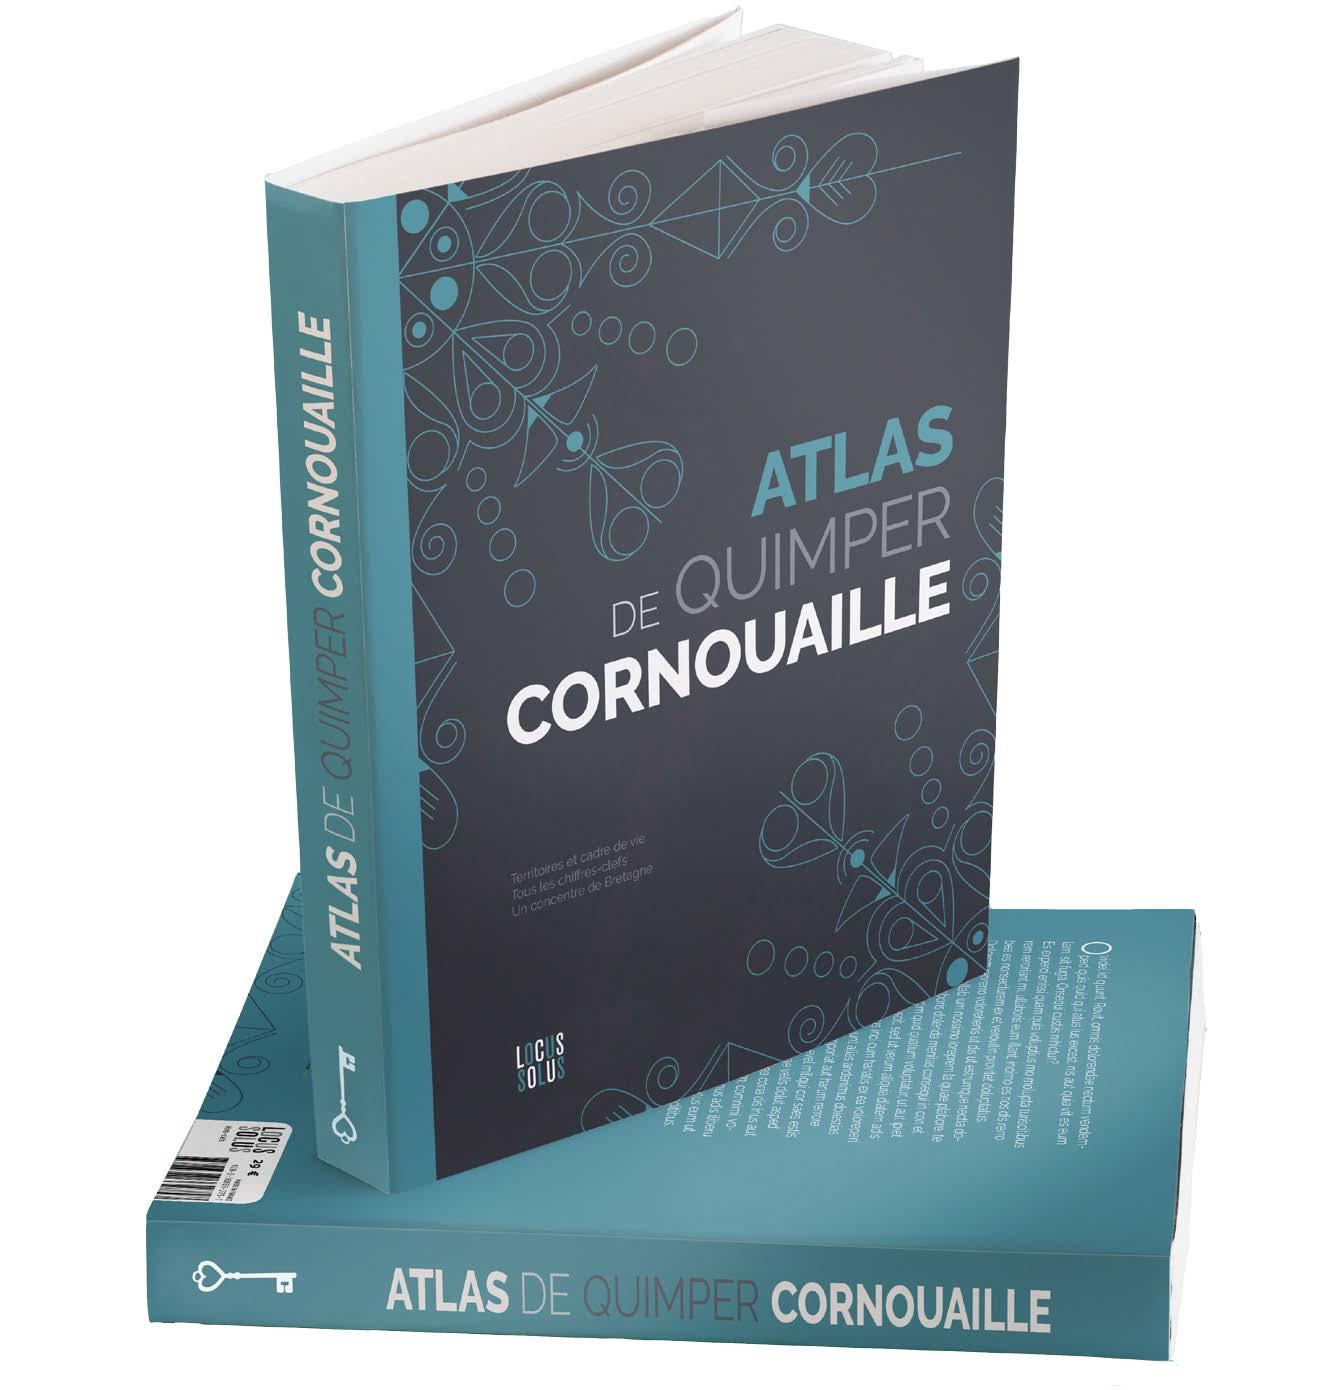 Atlas Quimper Cornouaille